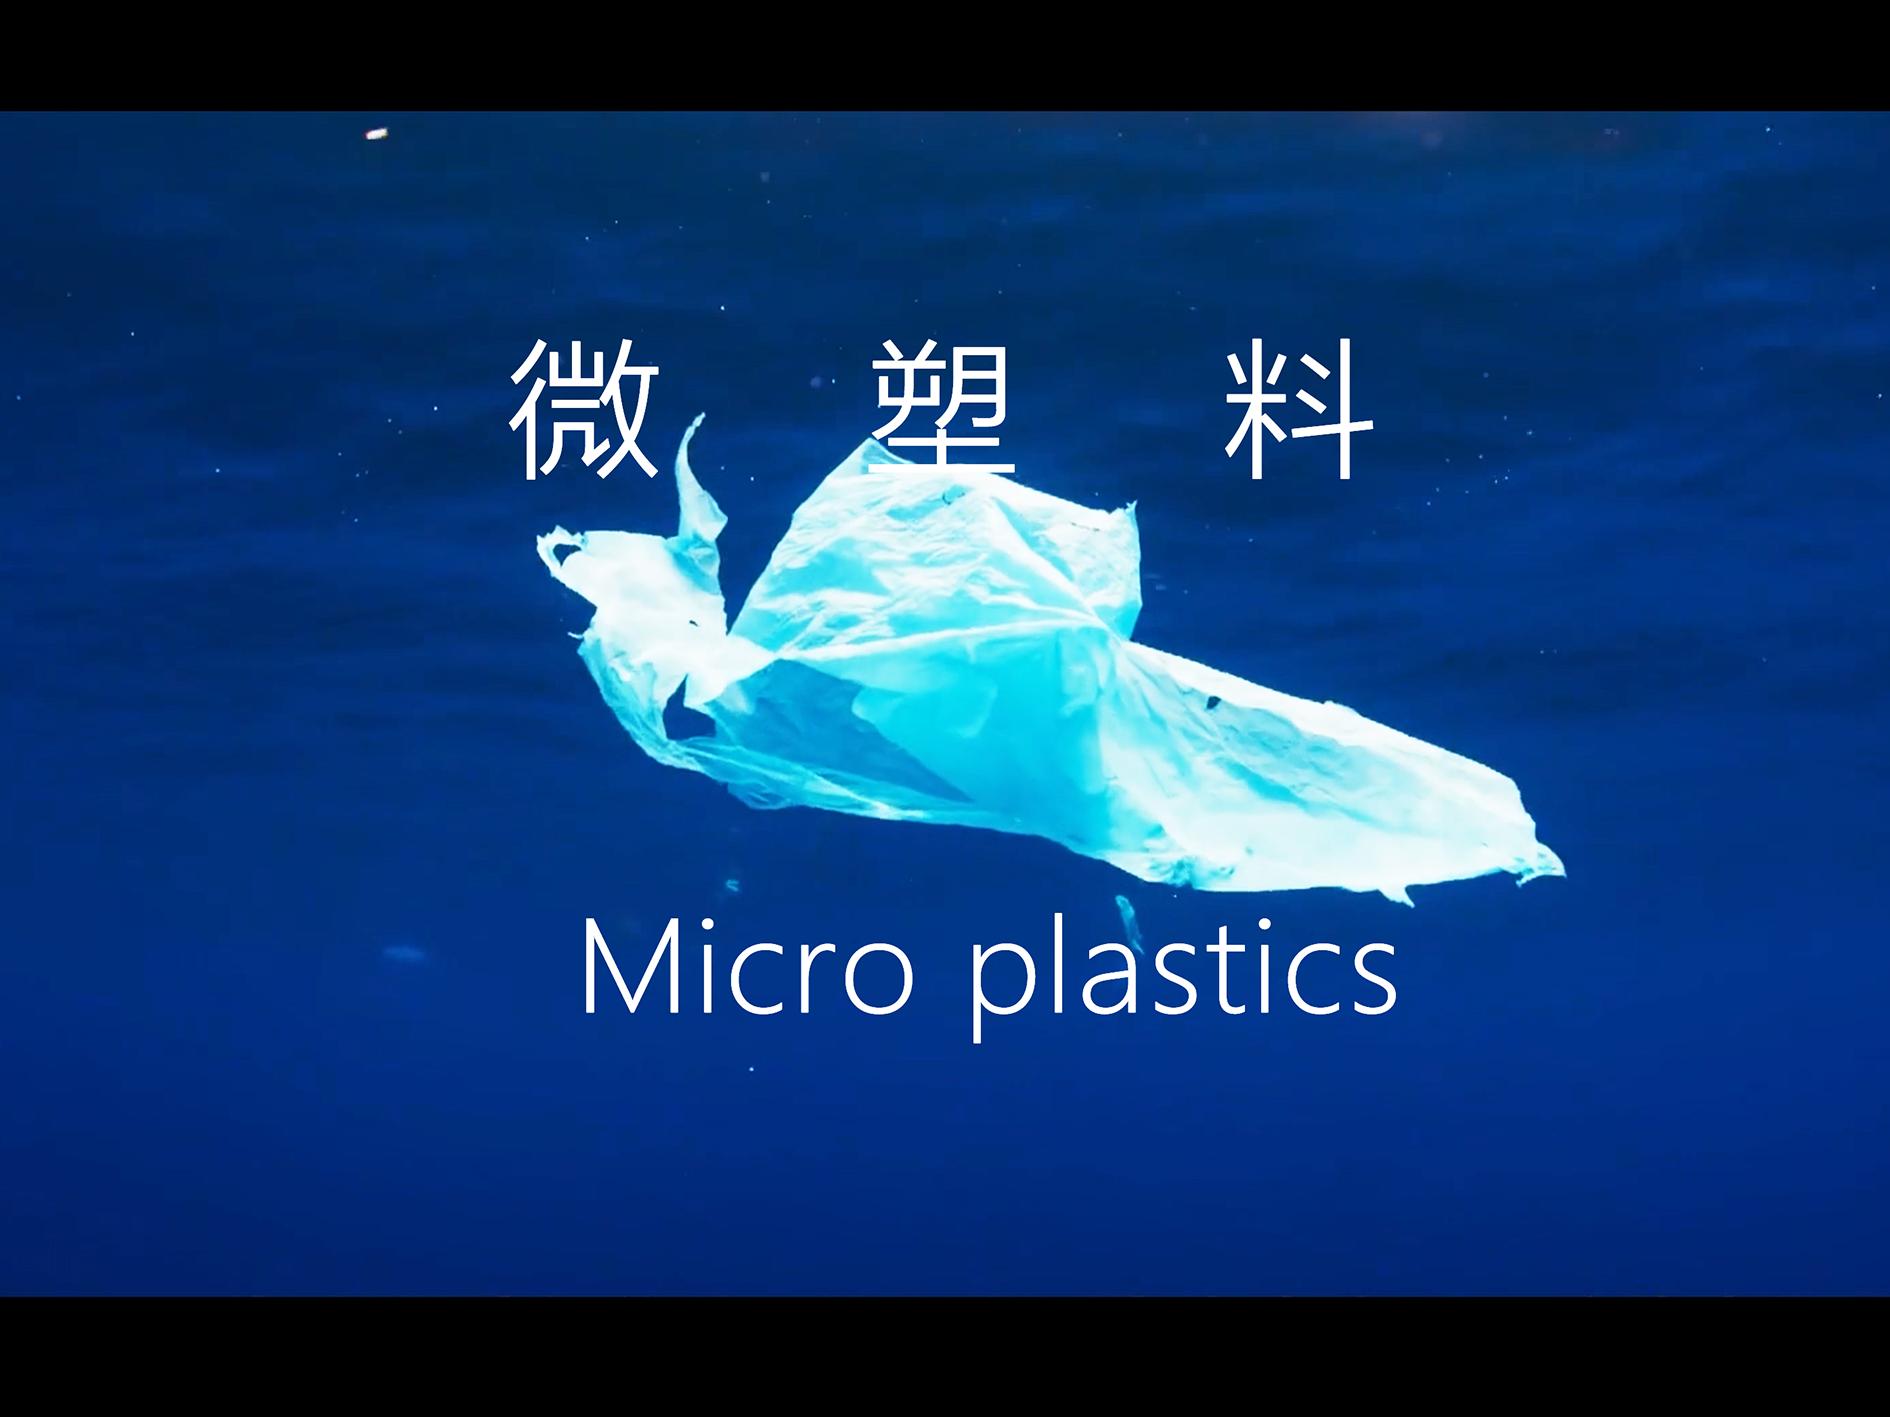 微塑料——人类自己埋下的恶果